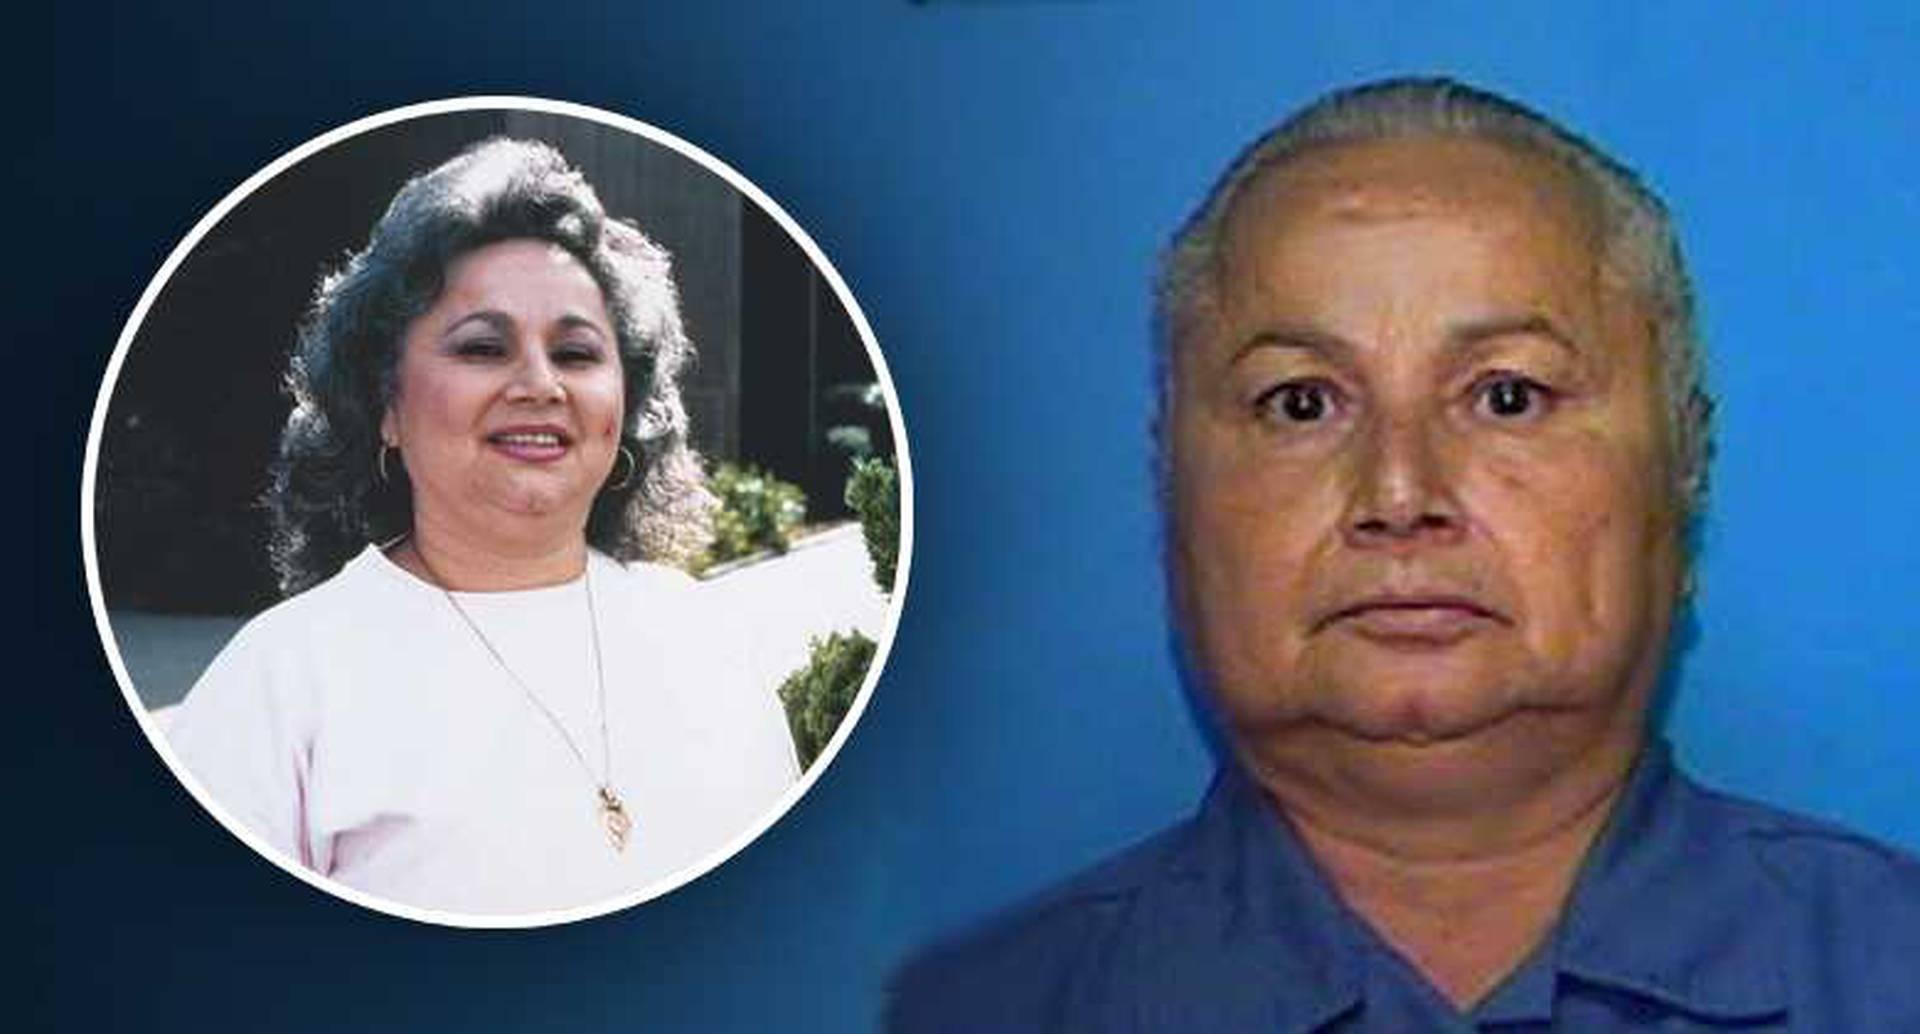 Griselda fue llamada La Viuda Negra porque asesinó a dos de sus maridos. Era tan extravagante que alcanzó a tener un anillo de Eva Perón, una vajilla robada a la reina Isabel y más de 300 pares de zapatos.